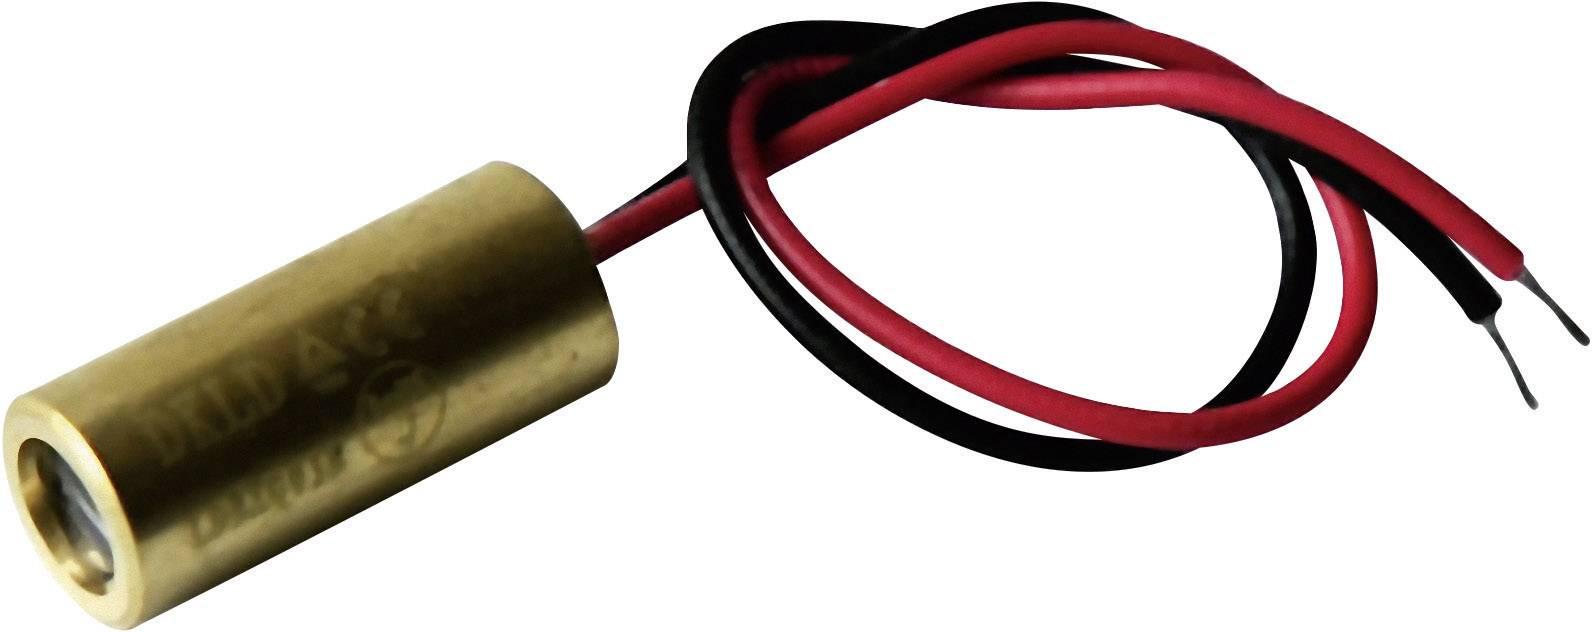 Laserový modul čára Laserfuchs, 70108484, 5 mW